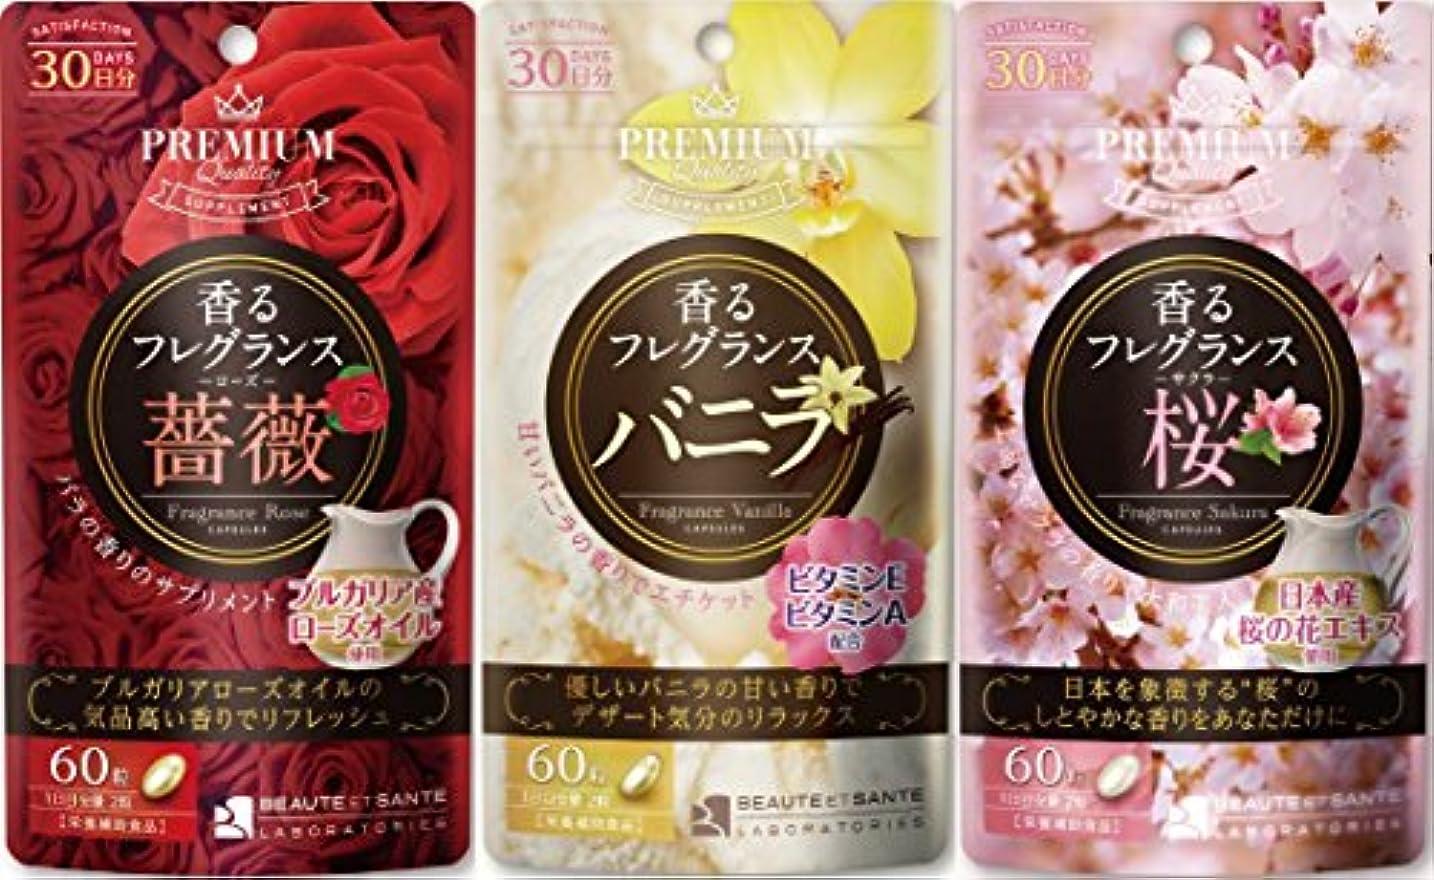 宙返り基礎セクション香るフレグランス アソートセット 3種類×各1個